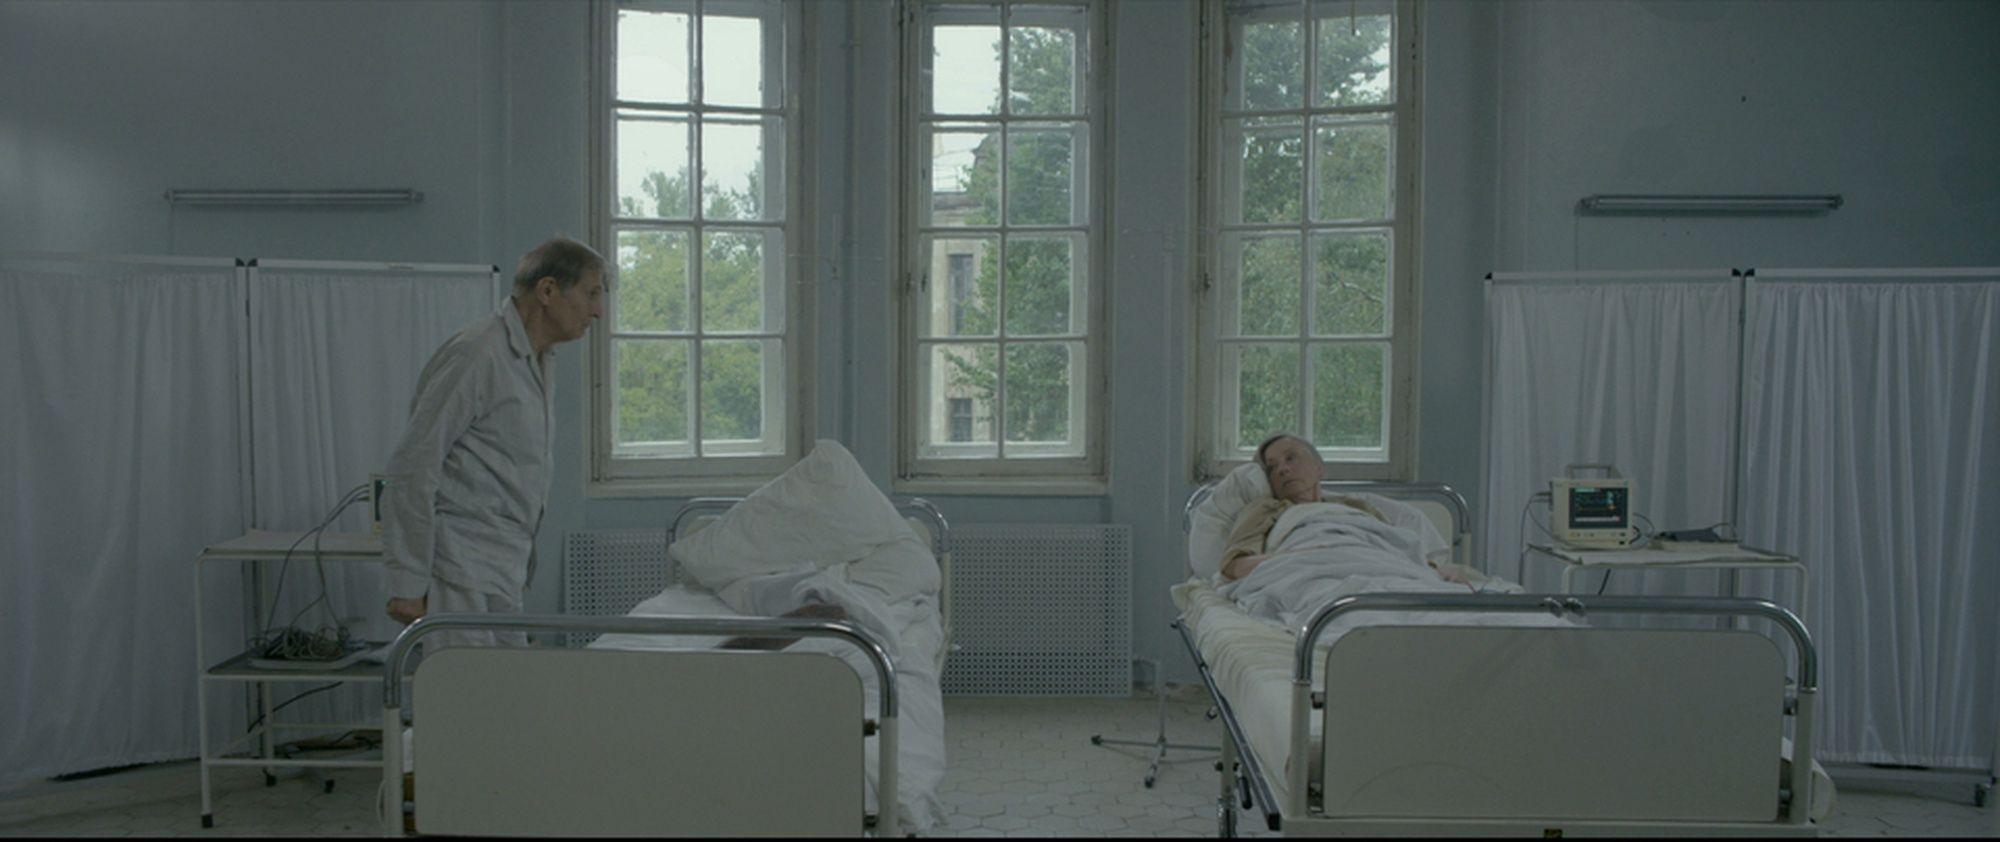 Две цепляющие короткометражные драмы на вечер - Kapital.kz